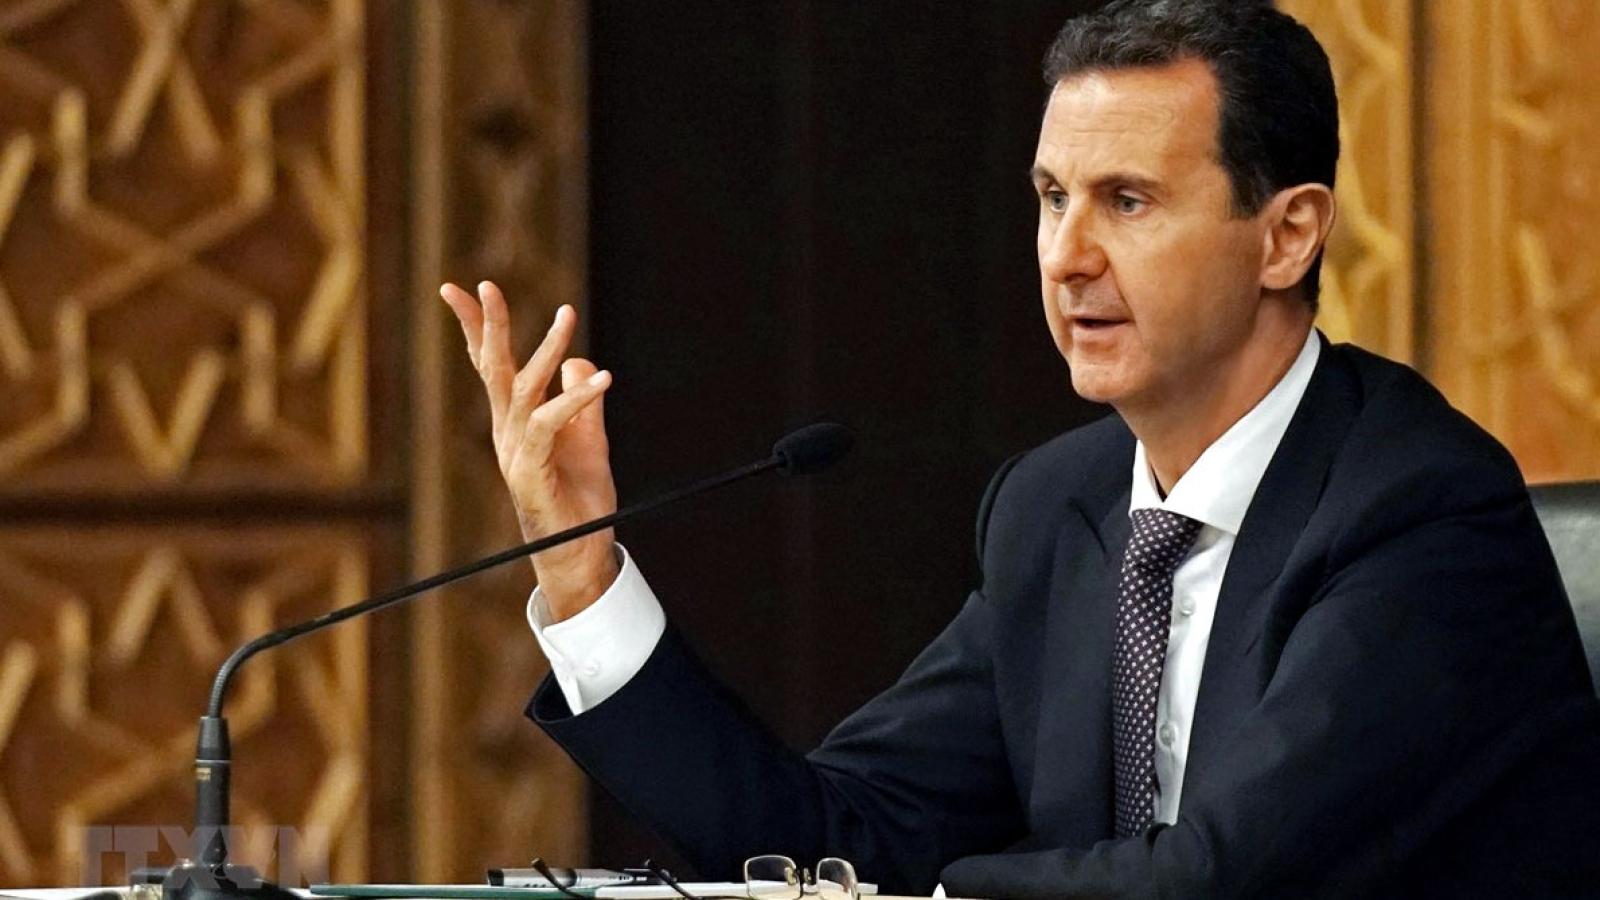 Mỹ trừng phạt 19 cá nhân và thực thể ủng hộ chính phủ Syria